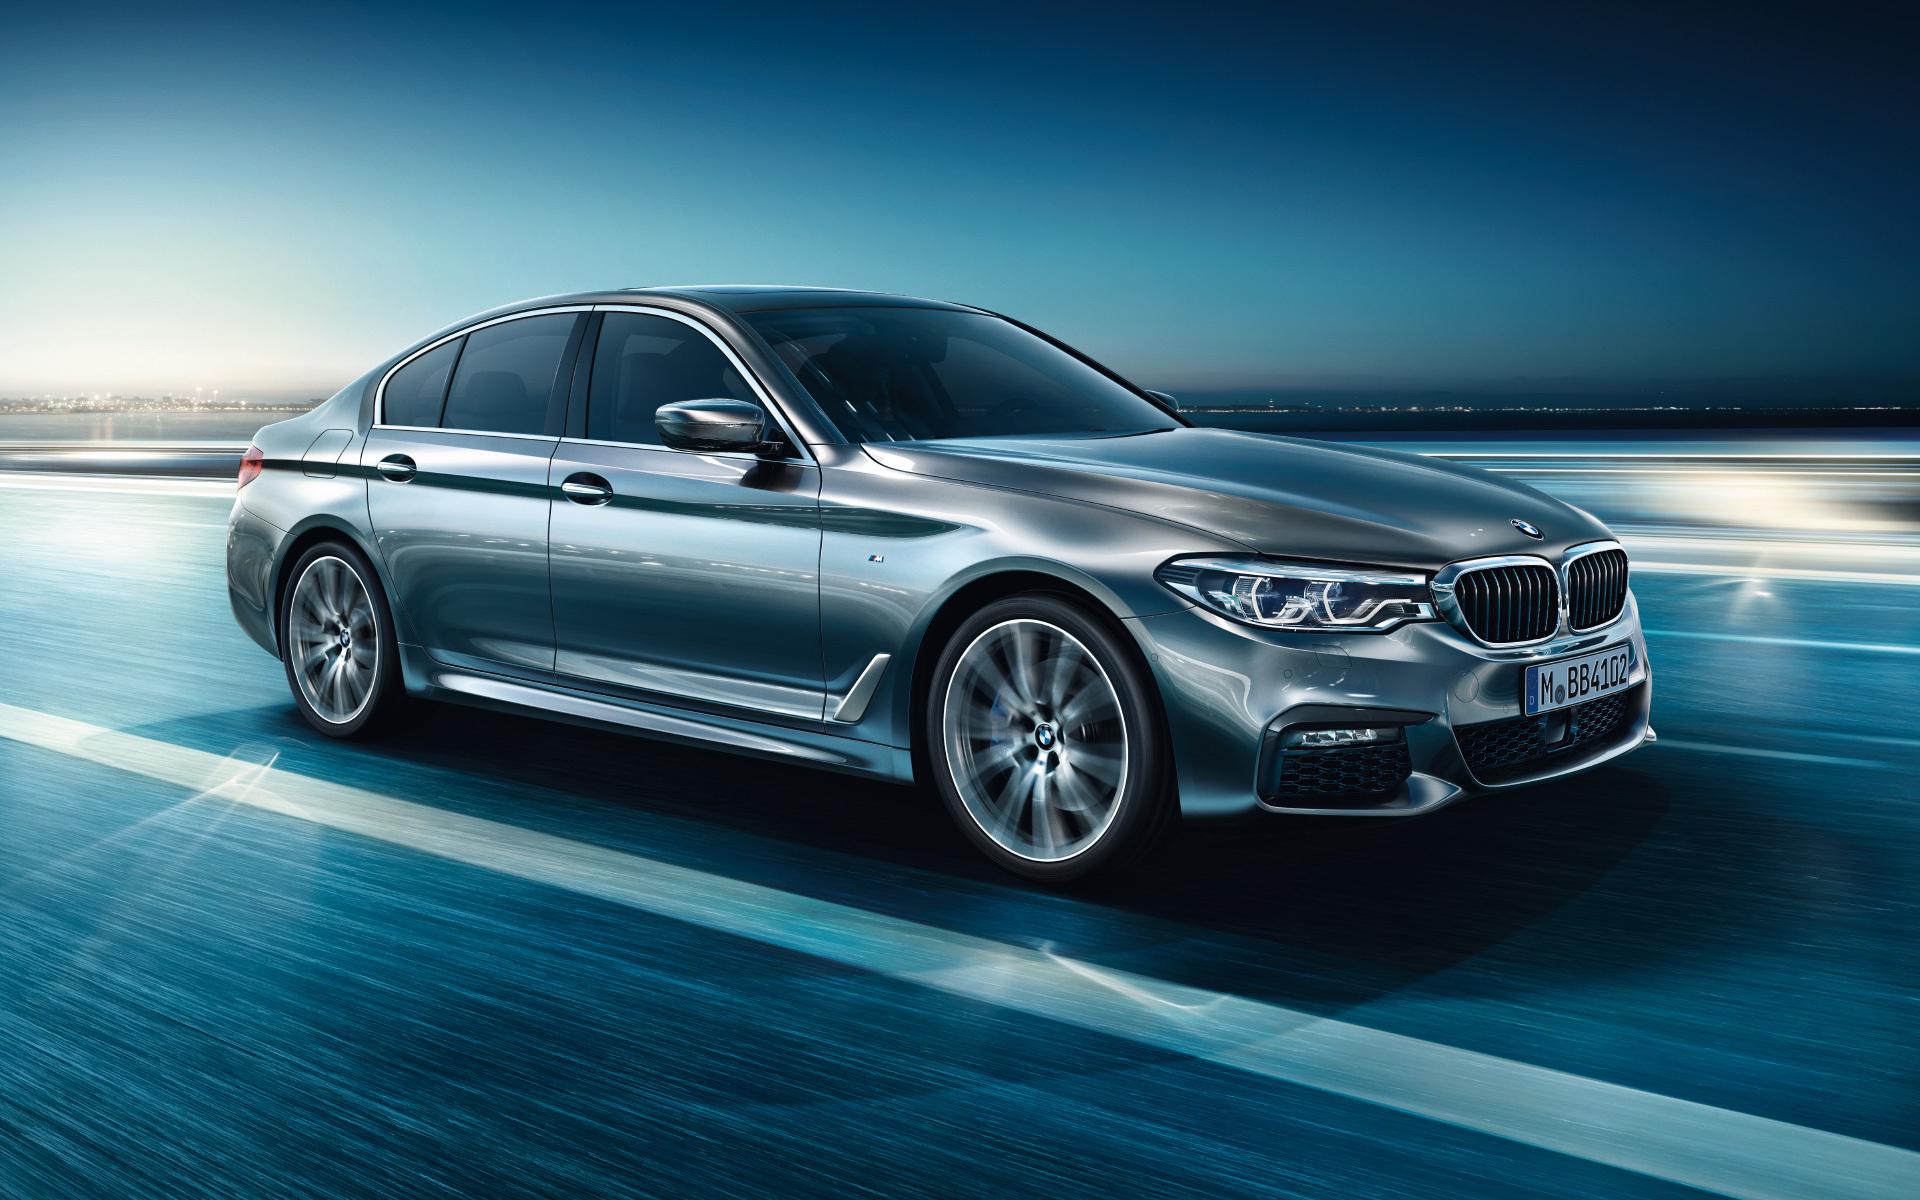 新型BMW5シリーズ(G30)が7月から1.9%値上げ!!あれ?4月に値上げしてませんでしたっけ?